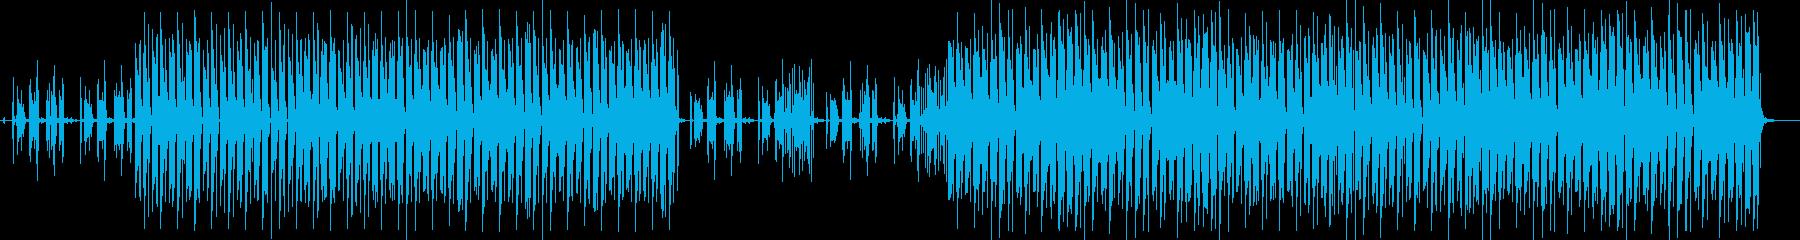 ダーク・ダーティー・EDM5の再生済みの波形